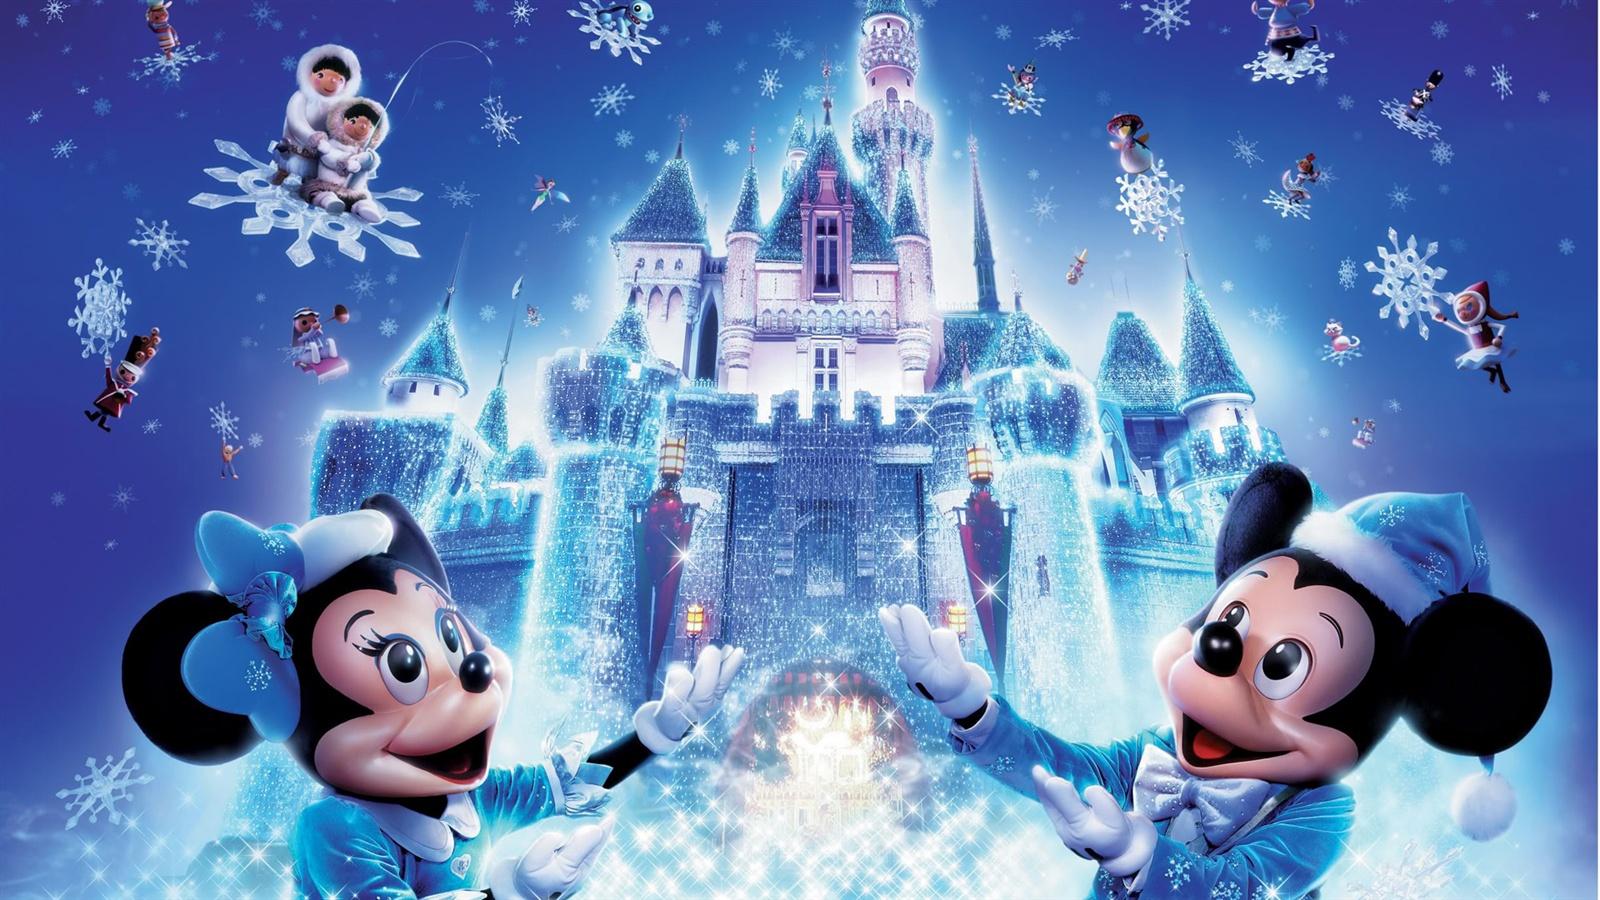 Fondos de pantalla de Mickey Mouse | Wallpapers de Mickey